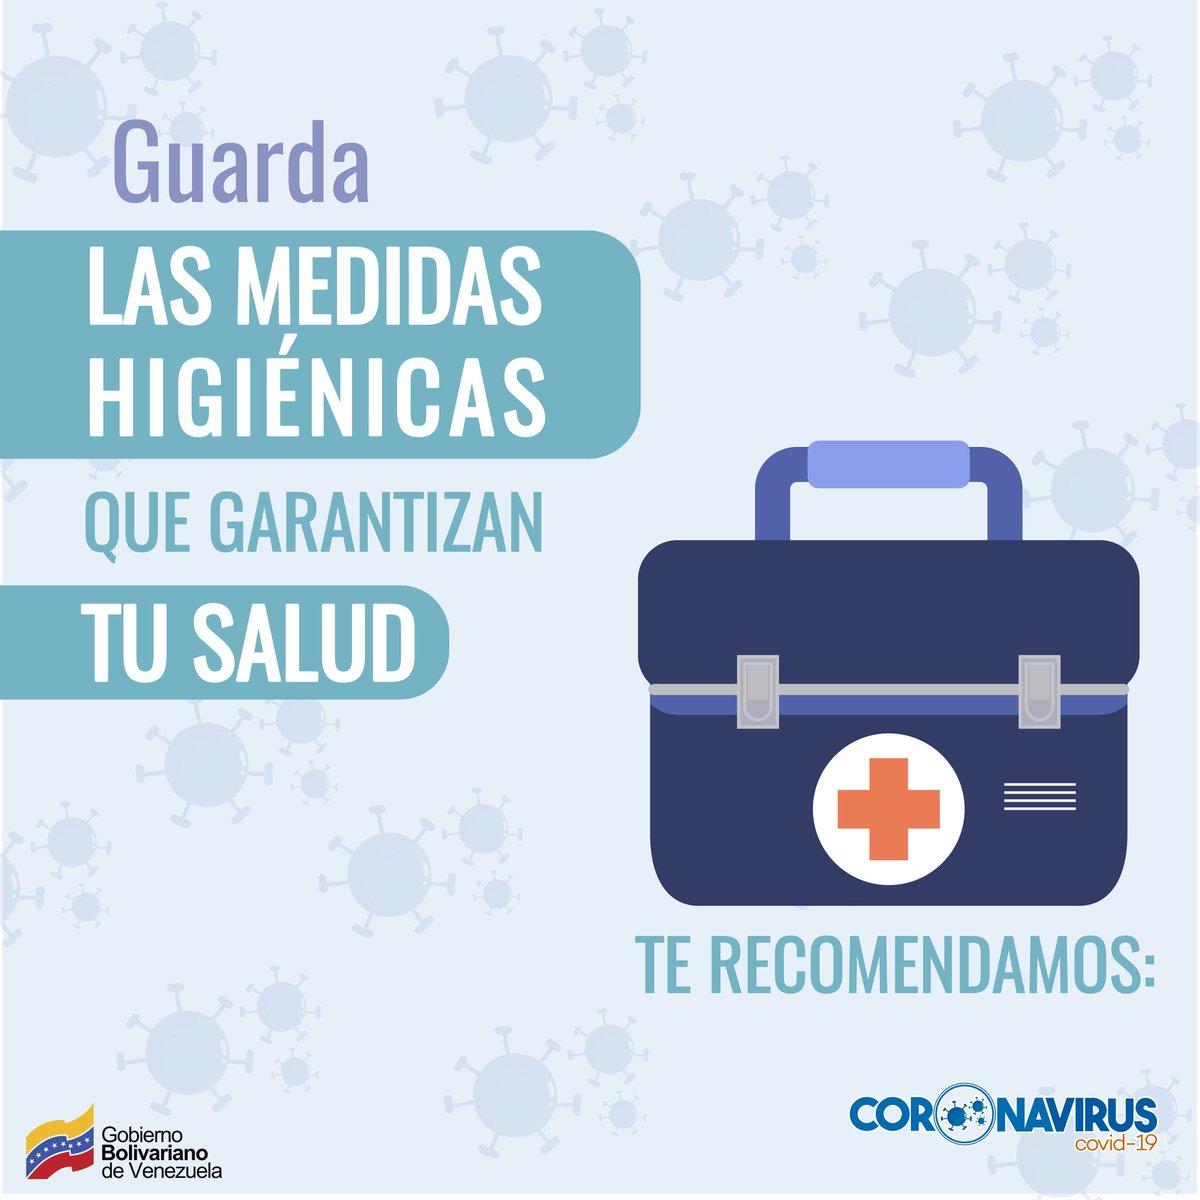 ☣️ #Covid_19    Recuerda que la prevención es la clave para combatir el coronavirus. Sigue minuciosamente las normas de higiene establecidas por la OMS, y vencerás a este enemigo invisible.  #CuarentenaRadicalPreventiva #PrensaFANB #FANB #Venezuela #06Jul https://t.co/Gv7T4gqKGx